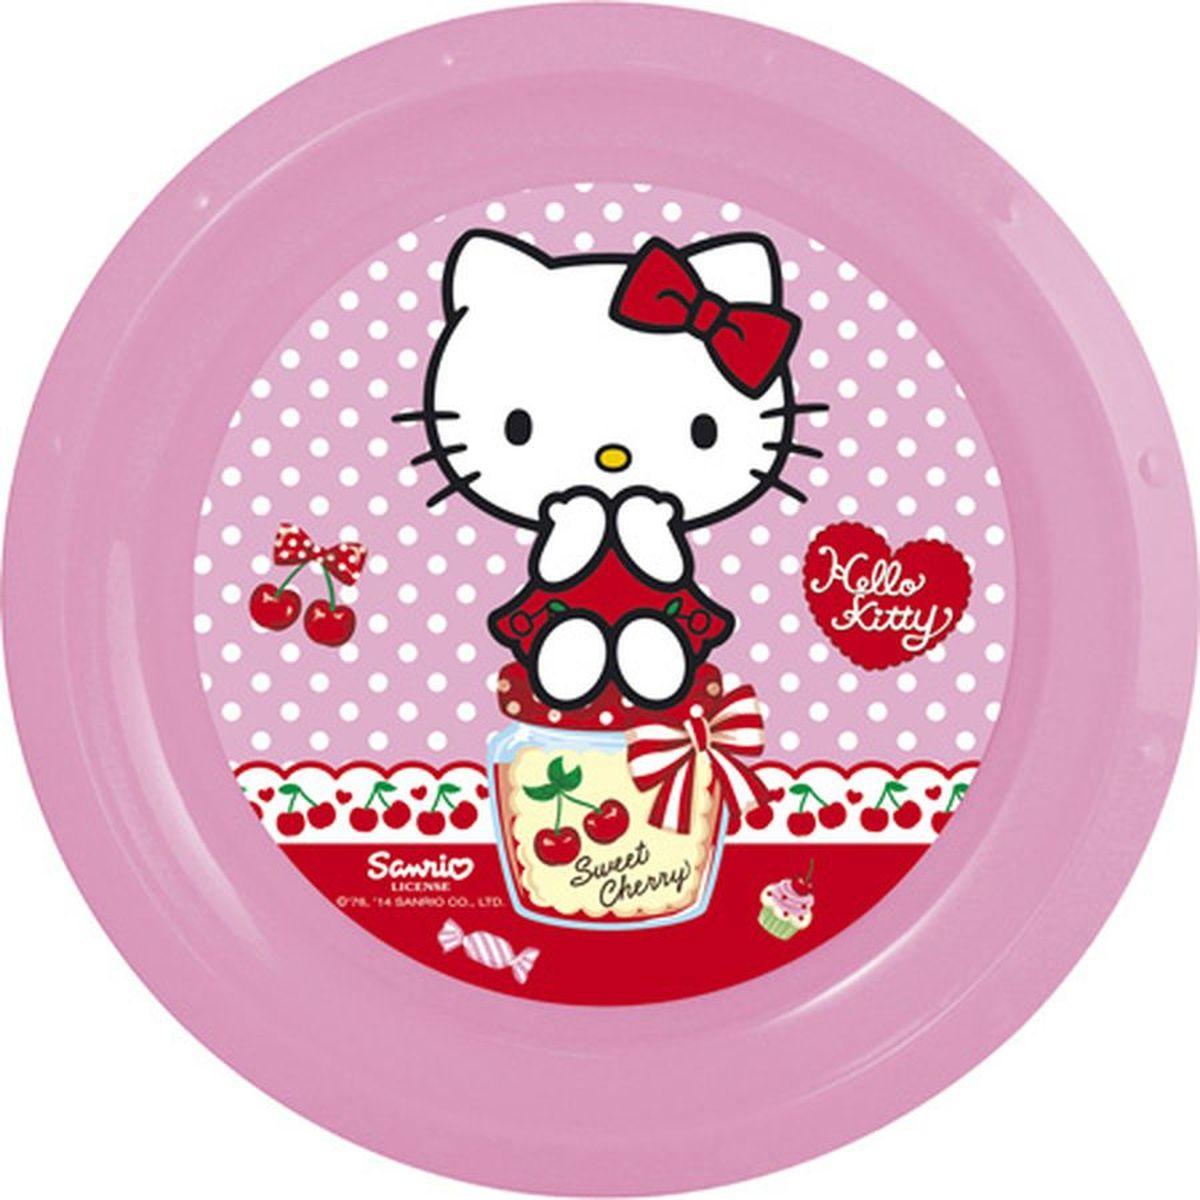 """Детская тарелка """"Hello Kitty"""", изготовленная из пластика, декорирована ярким рисунком.Такая тарелка прекрасно подходит как для торжественных случаев, так и для повседневного использования.Она прекрасно оформит стол и  станет отличным дополнением к вашей коллекции кухонной посуды. Диаметр тарелки (по верхнему краю): 21, 5 см."""